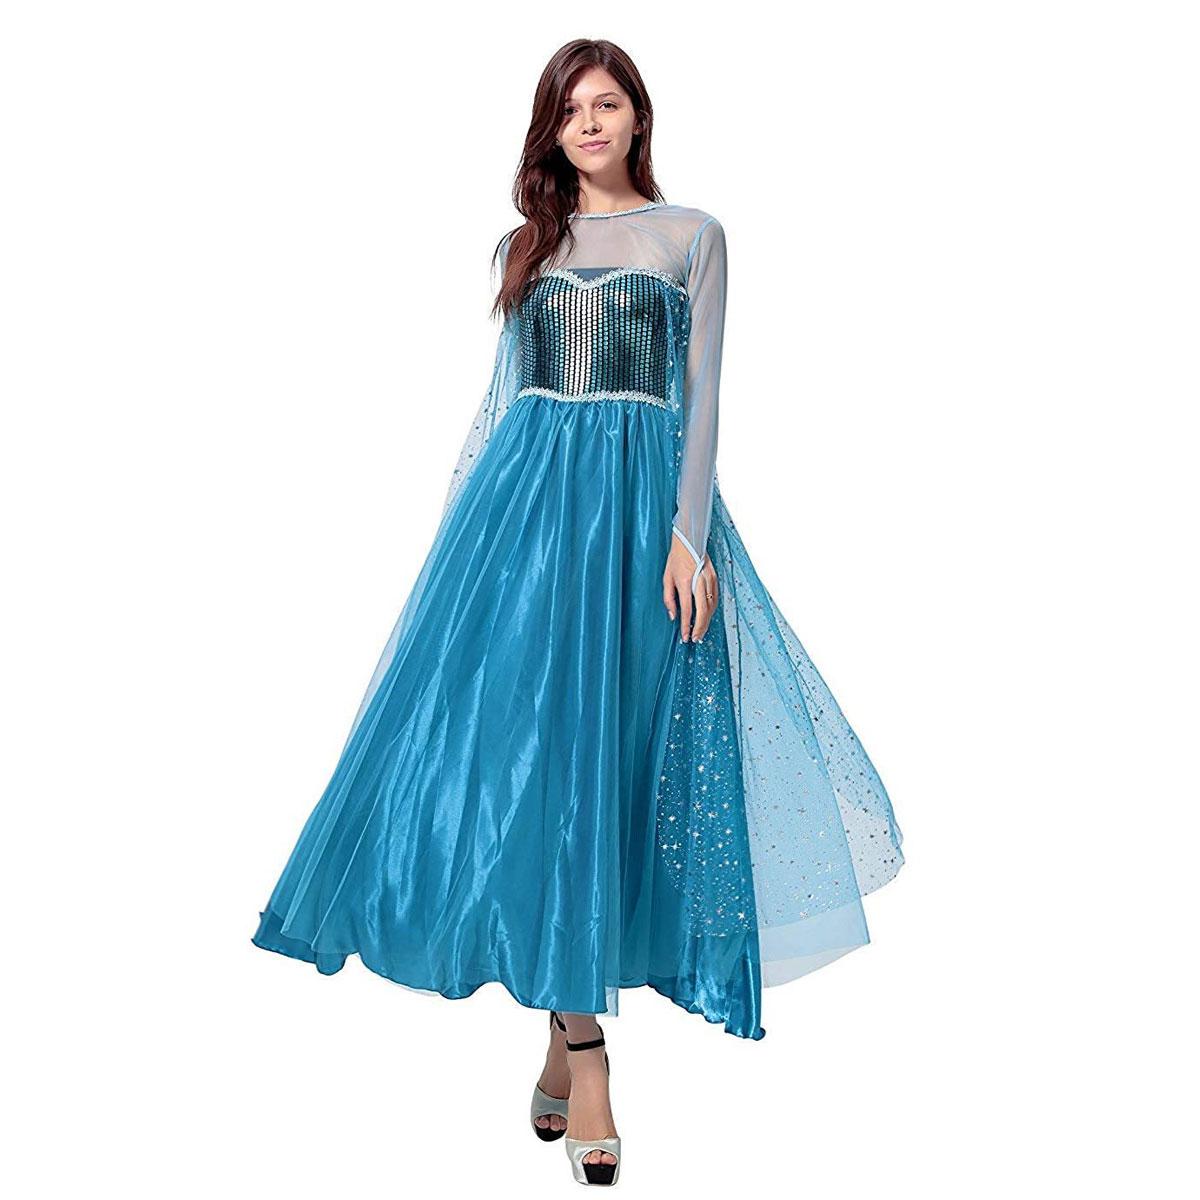 アナと雪の女王 エルサ ドレス アナ雪 コスプレ プリンセス コスチューム 衣装